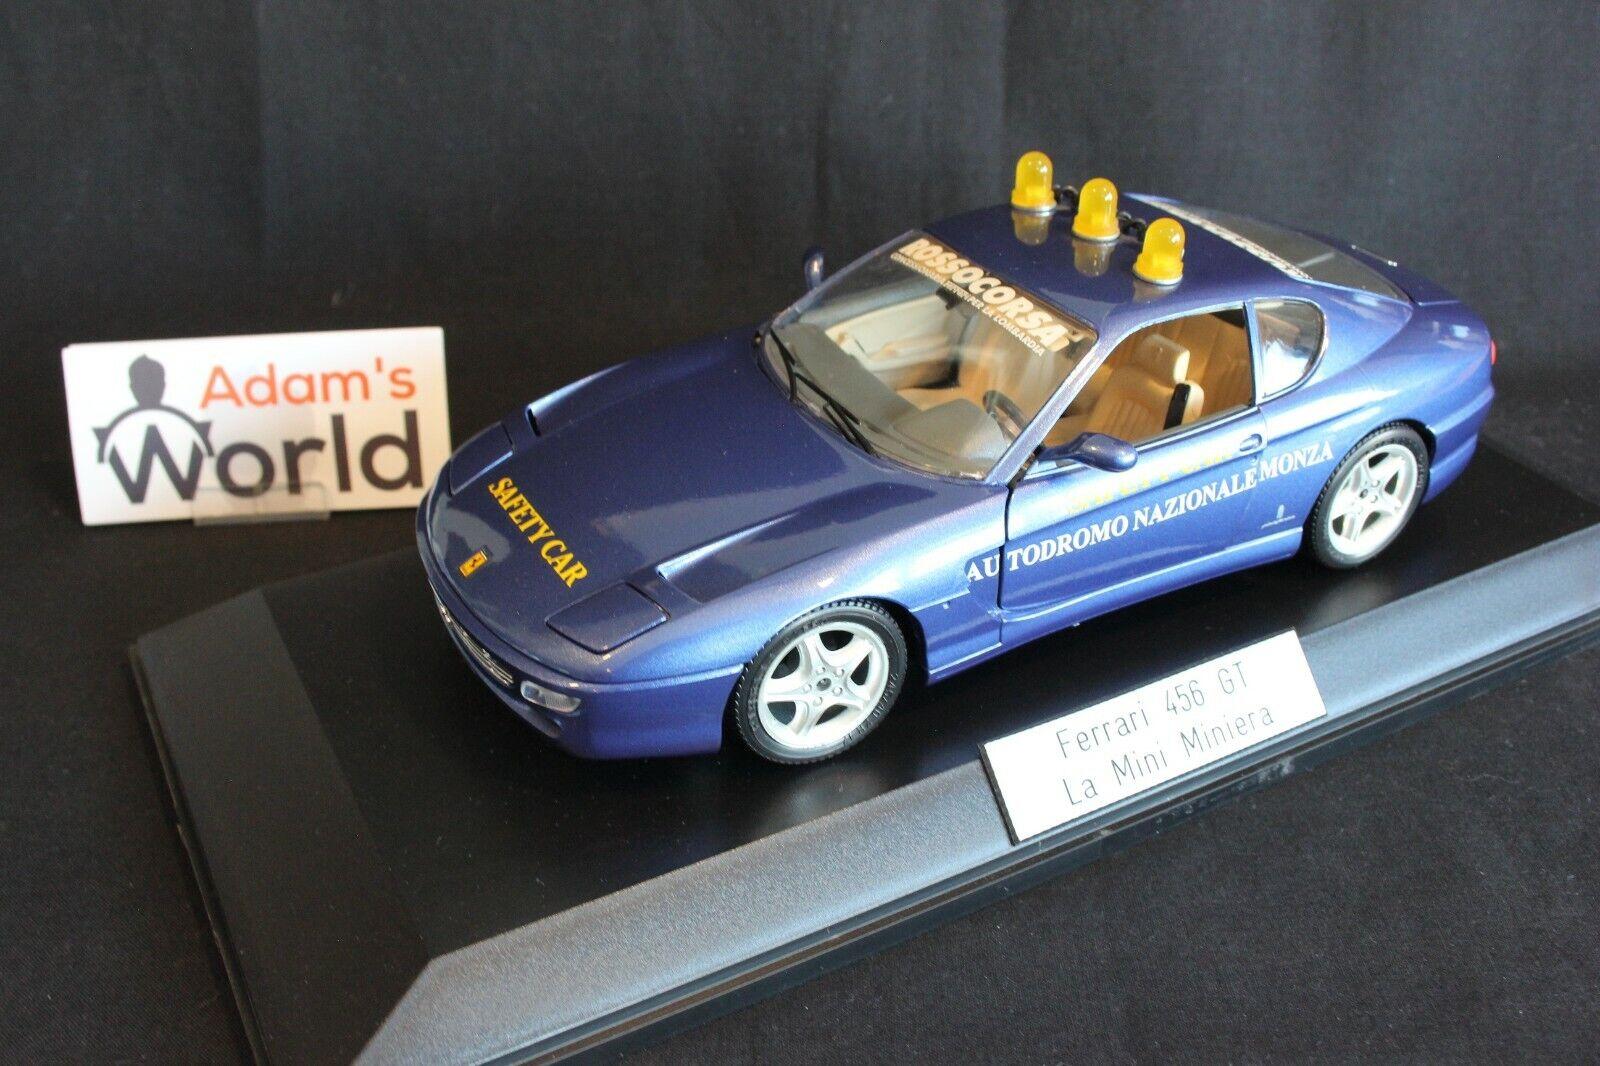 risparmia il 60% di sconto La Mini Miniera Ferrari Ferrari Ferrari 456 GT 1 18  Safety auto Monza  1995 (PJBB)  negozio outlet